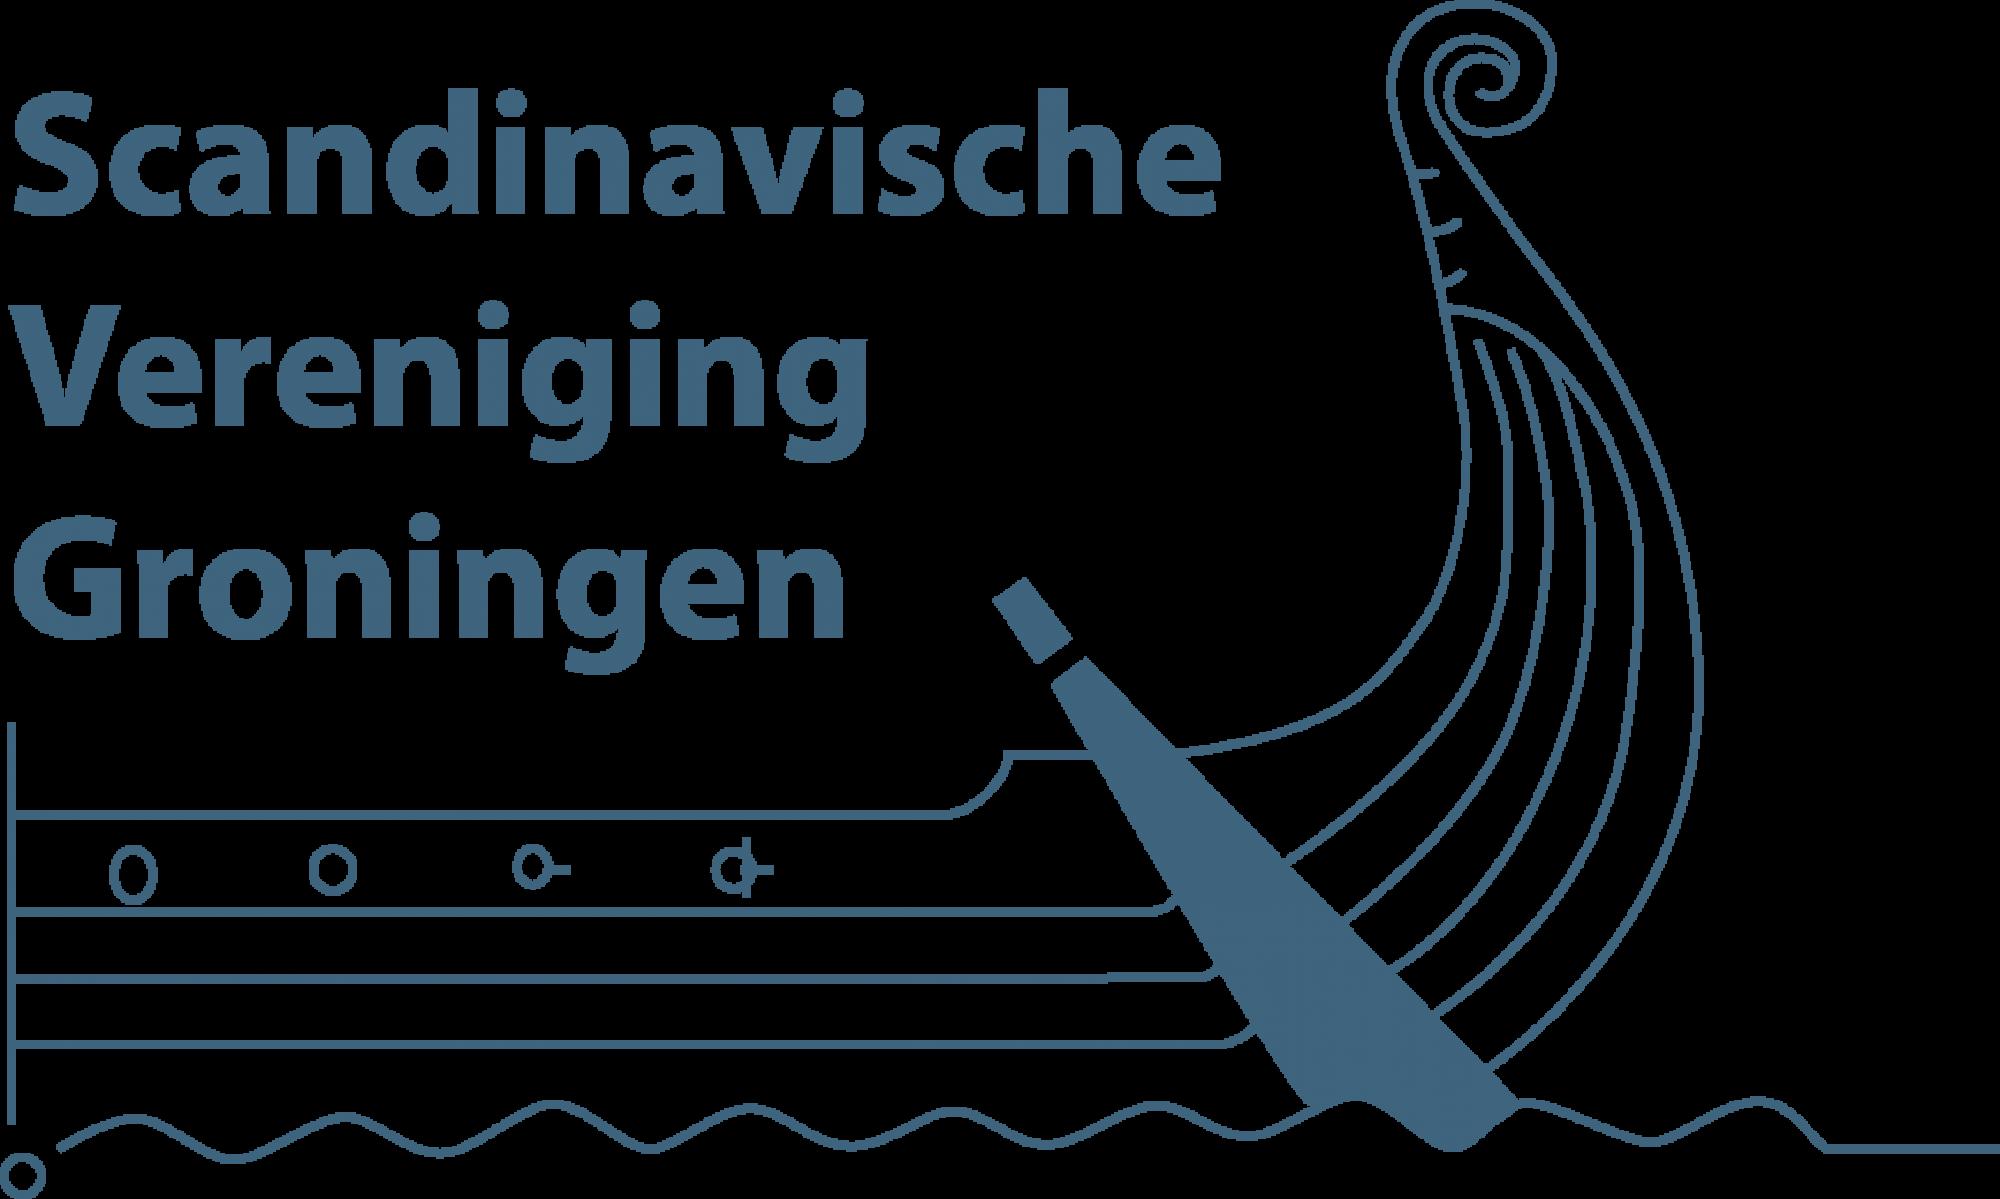 Scandinavische vereniging Groningen